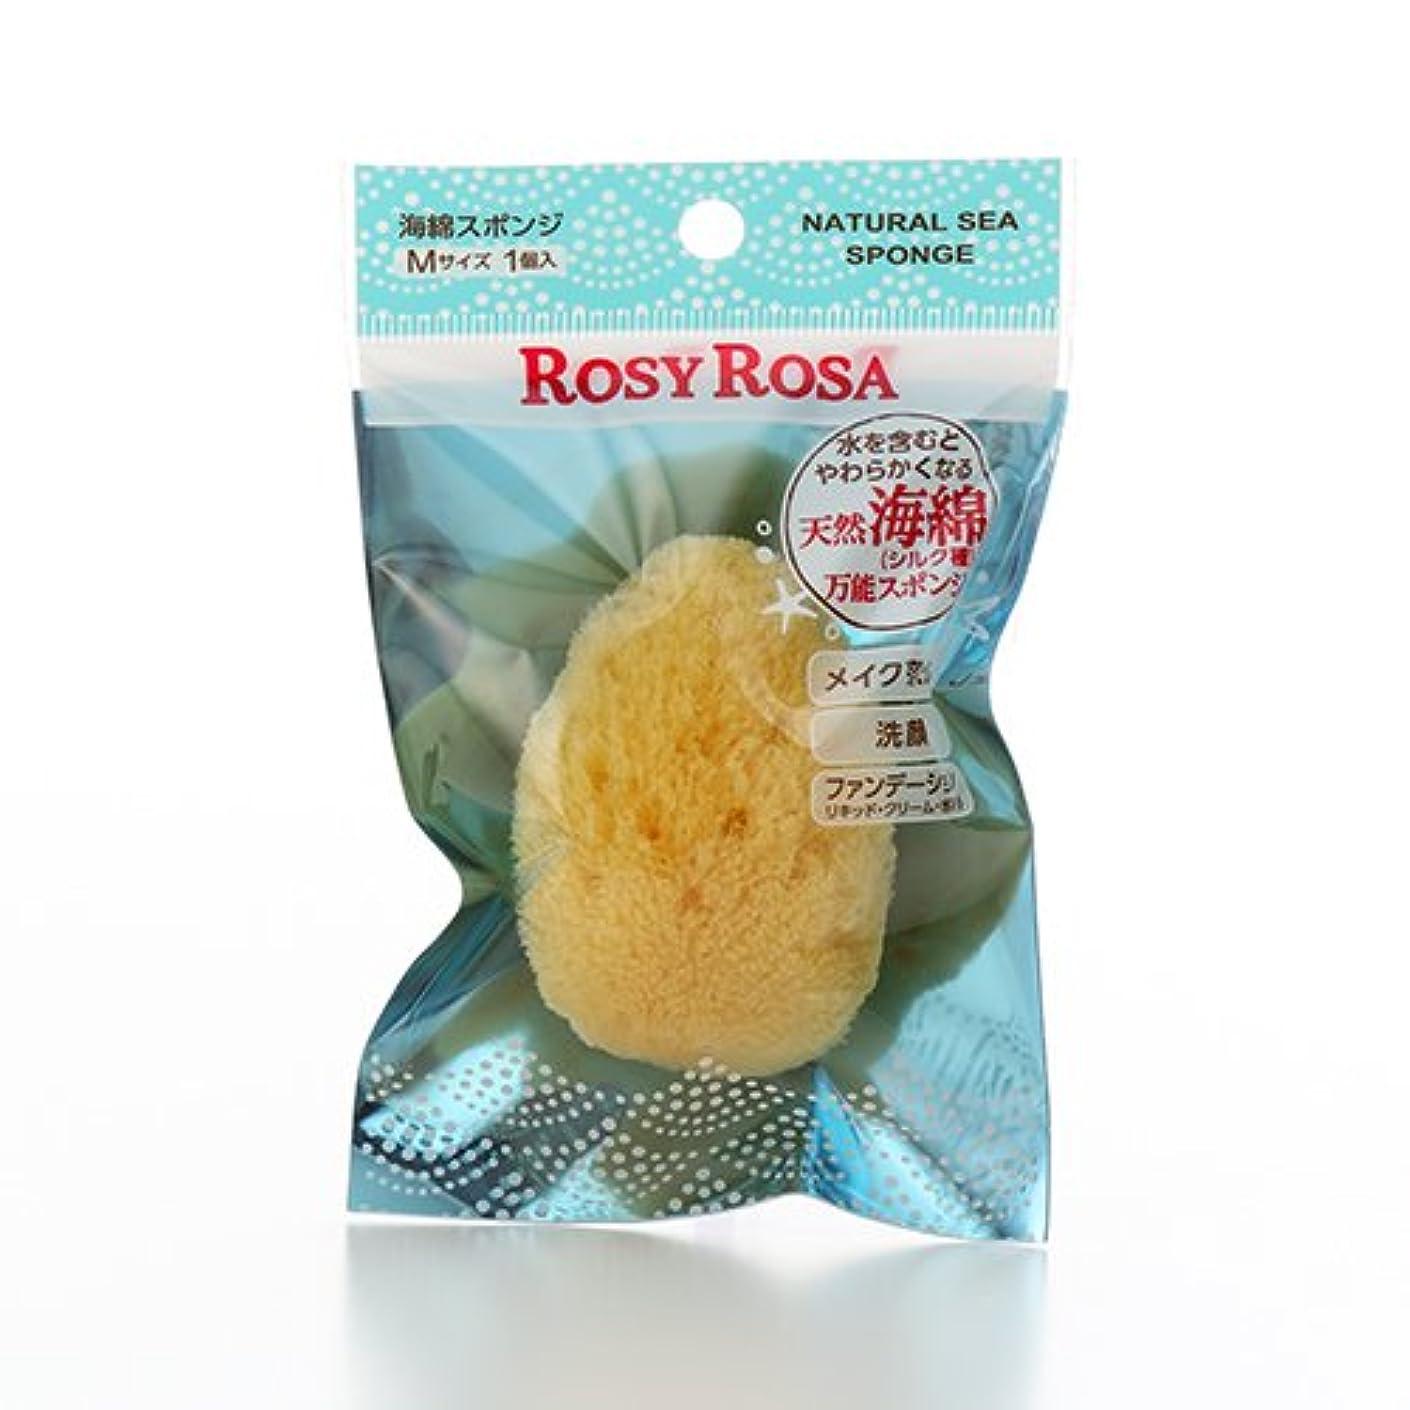 リットル驚くべき神社ロージーローザ 天然海綿スポンジ Mサイズ 1個入 【水を含むとやわらかくなる天然海綿(シルク種) メイク落とし、洗顔、ファンデーションに】